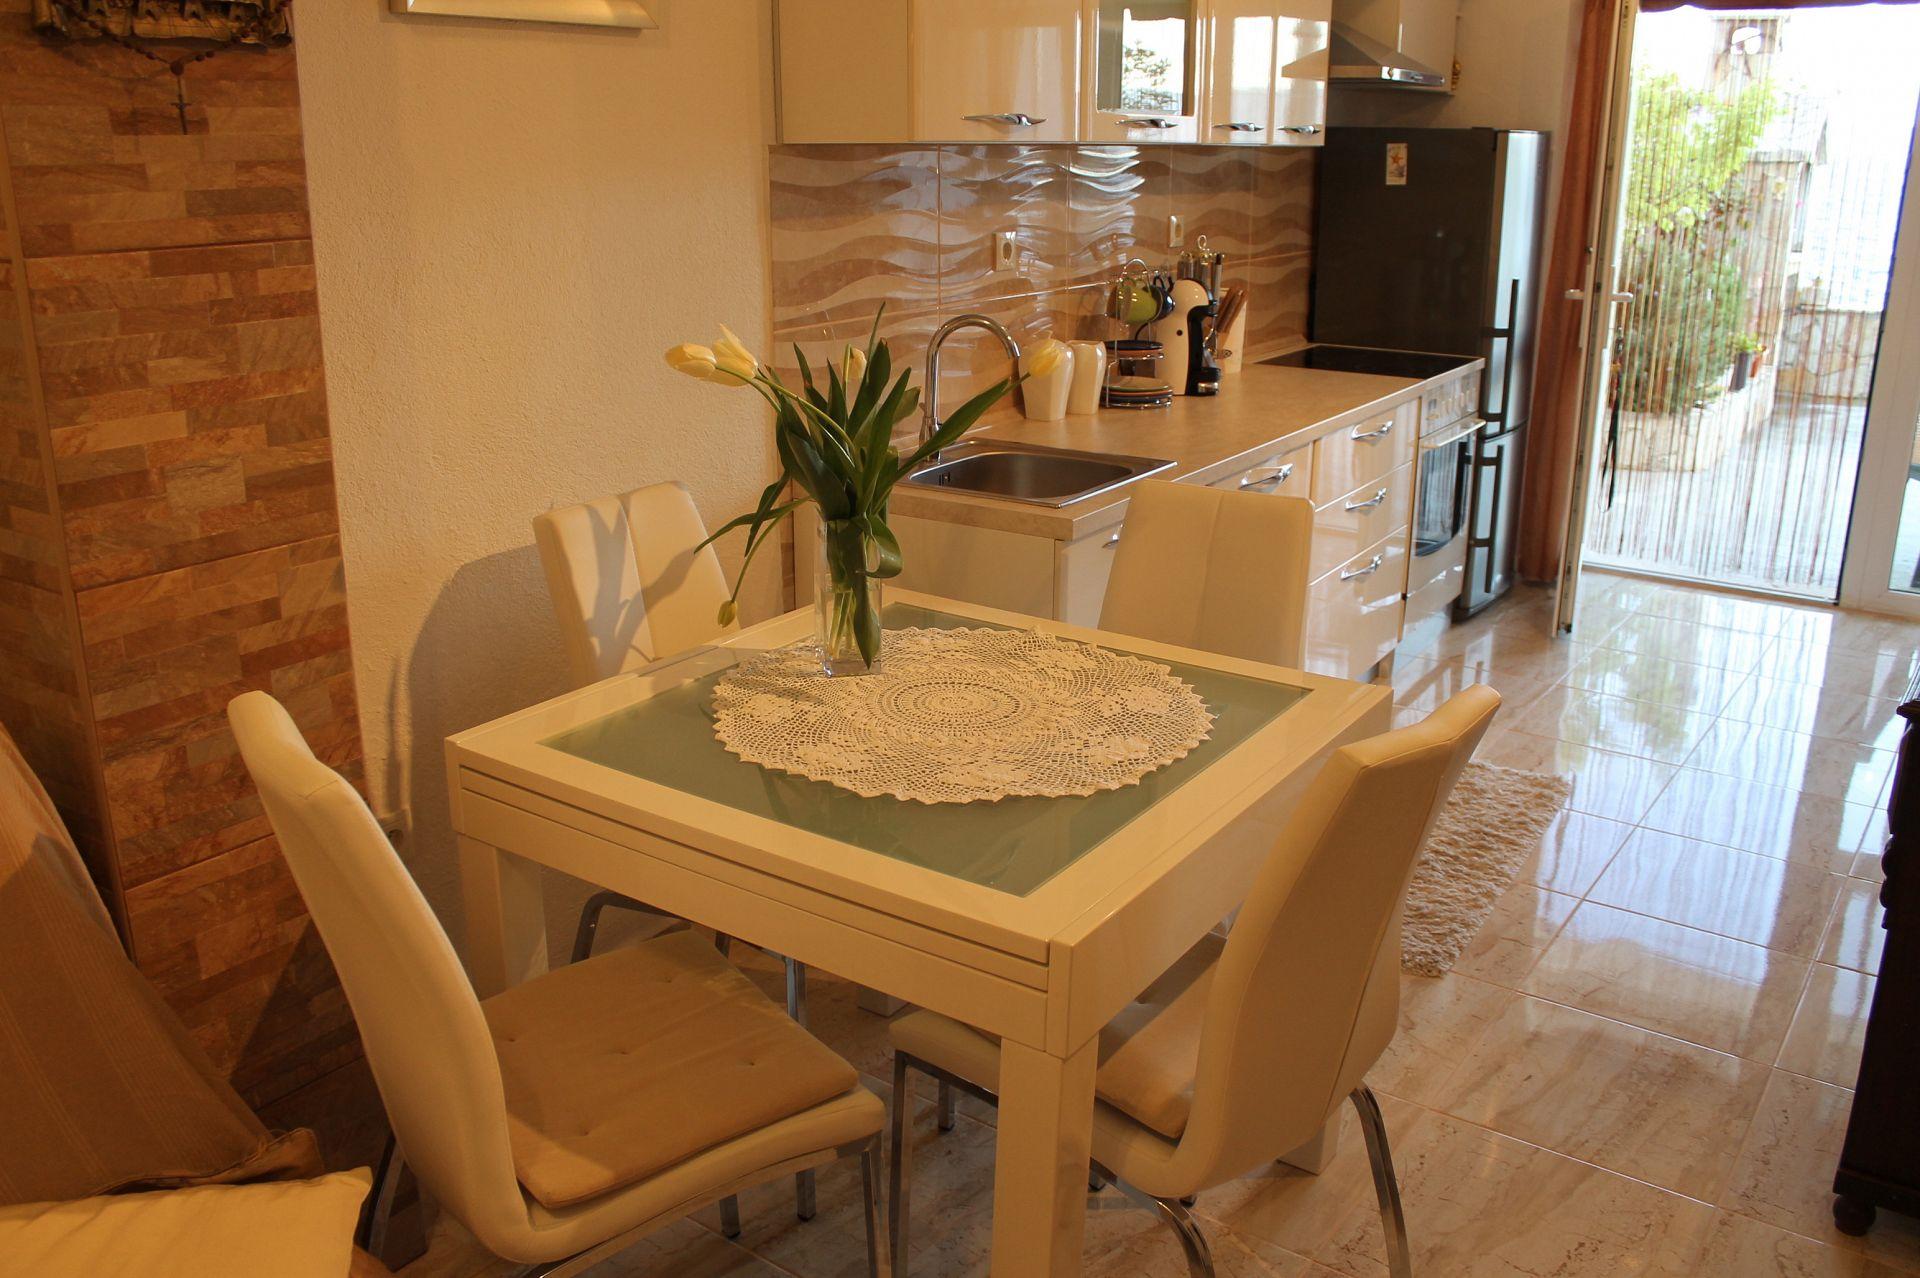 5257  - Pisak - Ferienwohnungen Kroatien - A2 PRIZEMLJE (3+2): Küche und Speisezimmer